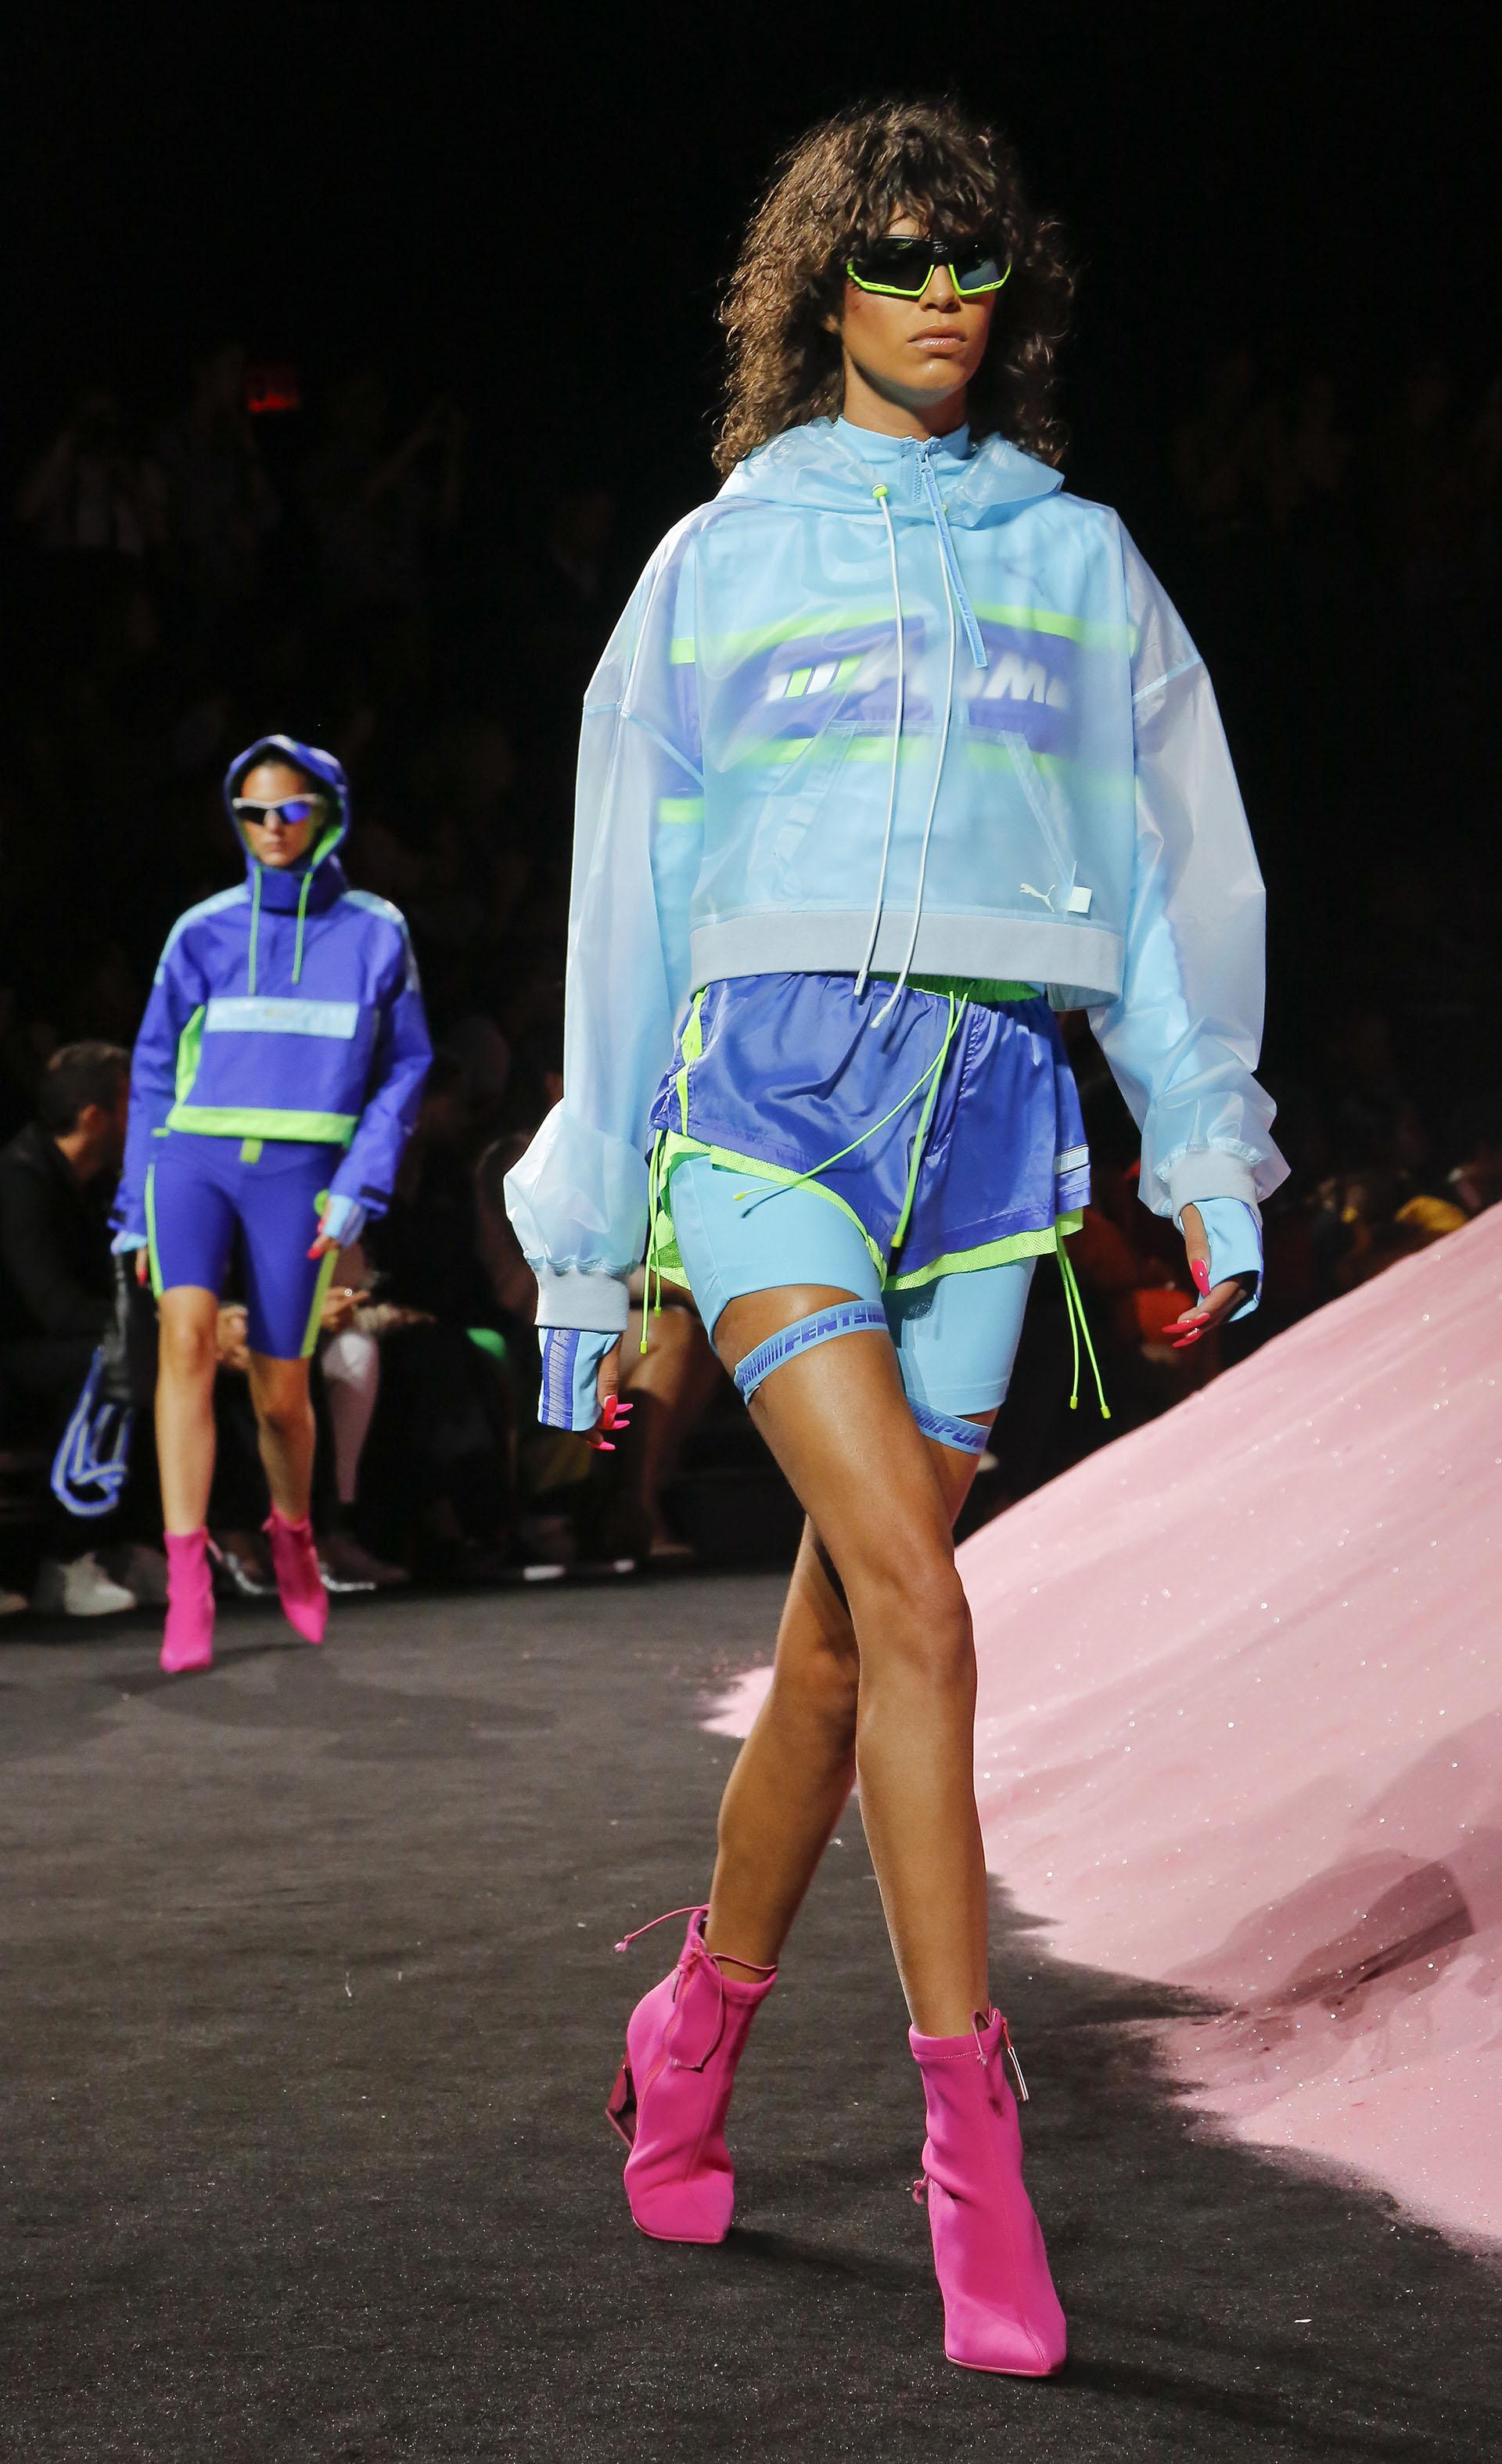 Los tejidos deportivos se tiñeron de colores estridentes. La combinación más aclamada: azul y fucsia (AP Photo/Bebeto Matthews)